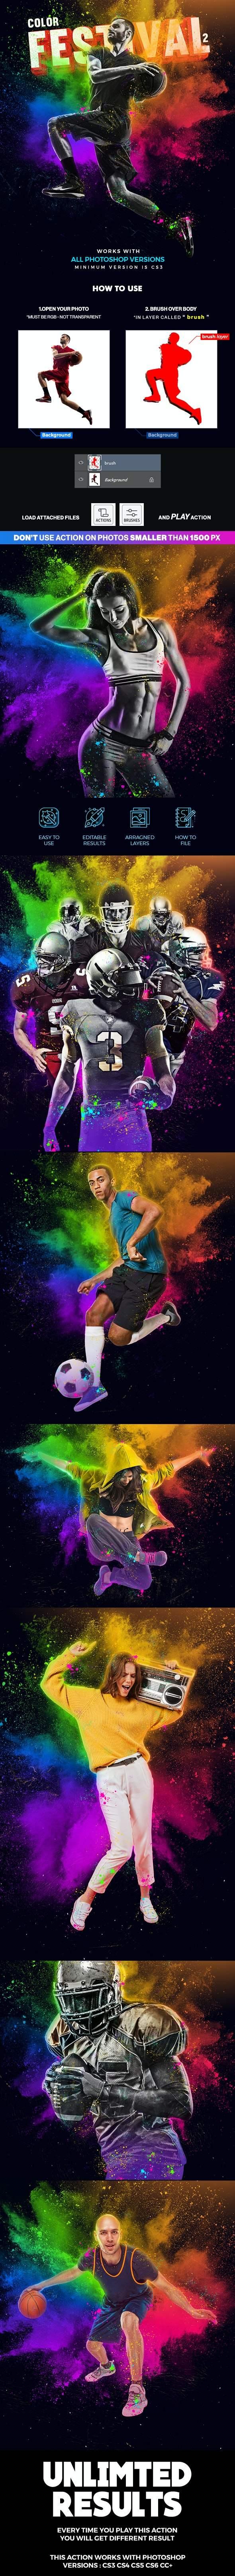 PS动作-多彩艺术抽象爆炸颜色-Color Fetival 2 Photoshop Action